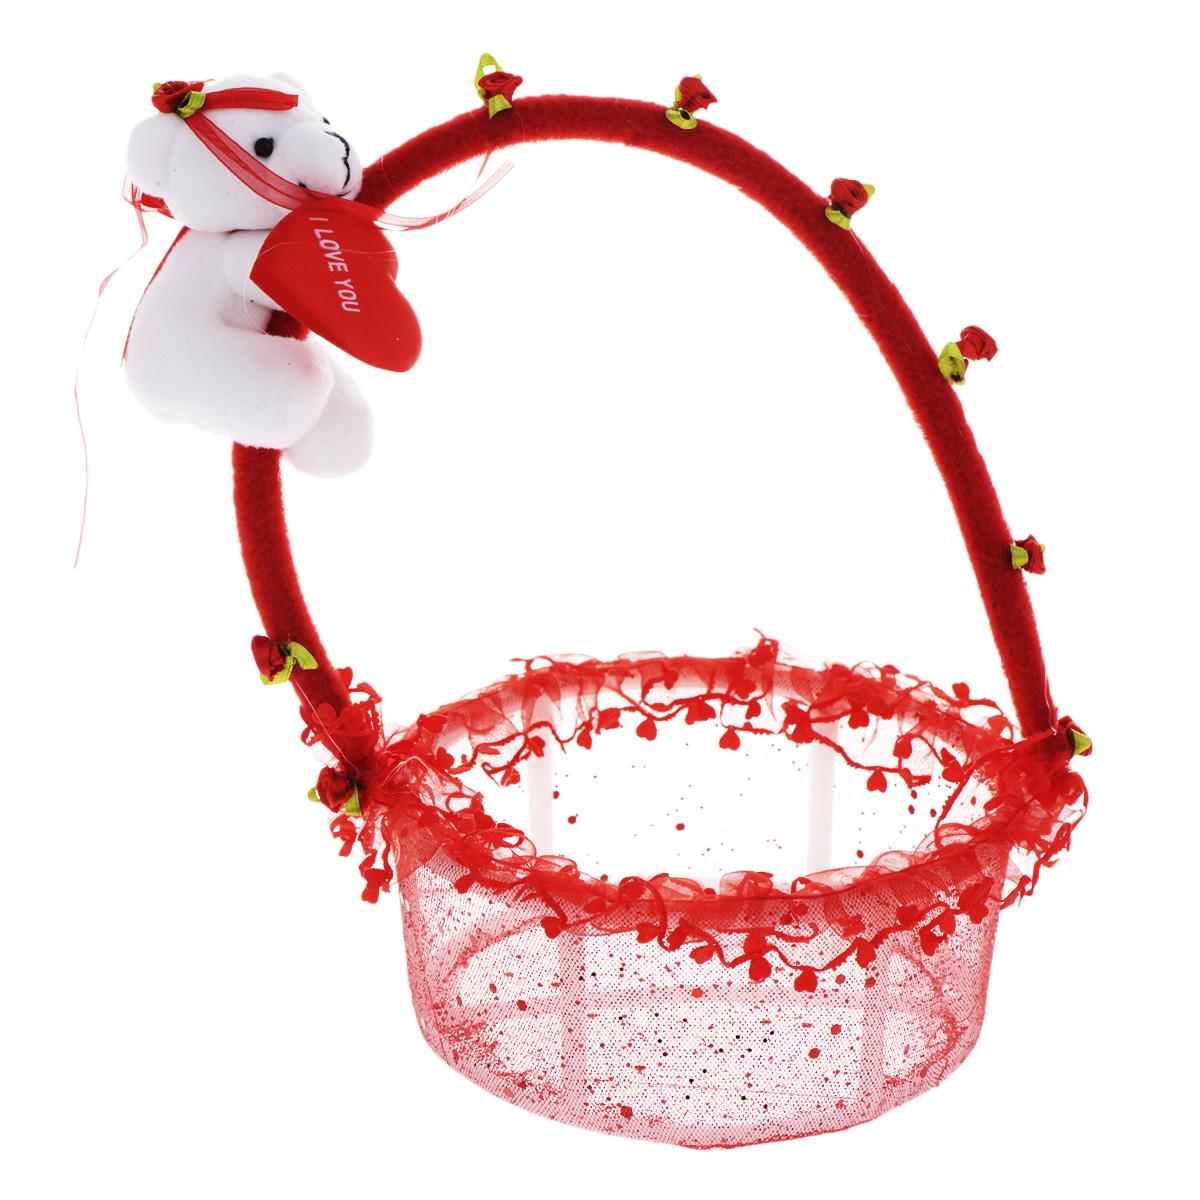 Корзинка декоративная Home Queen От всего сердца, цвет: красный, 13 см х 13 см х 23 см60470Декоративная корзинка Home Queen От всего сердца имеет пластиковый каркас и обтянута сетчатым полиэстером. Корзинка украшена рюшами и блестками. Ручка декорирована маленькими текстильными розочками и белым плюшевым мишкой с сердечком. Красивая корзинка станет милым сувениром и порадует получателя. Может послужить как подарочная упаковка для подарка или как аксессуар для хранения бытовых вещей и предметов для рукоделия (бусин, бисера и т.д.).